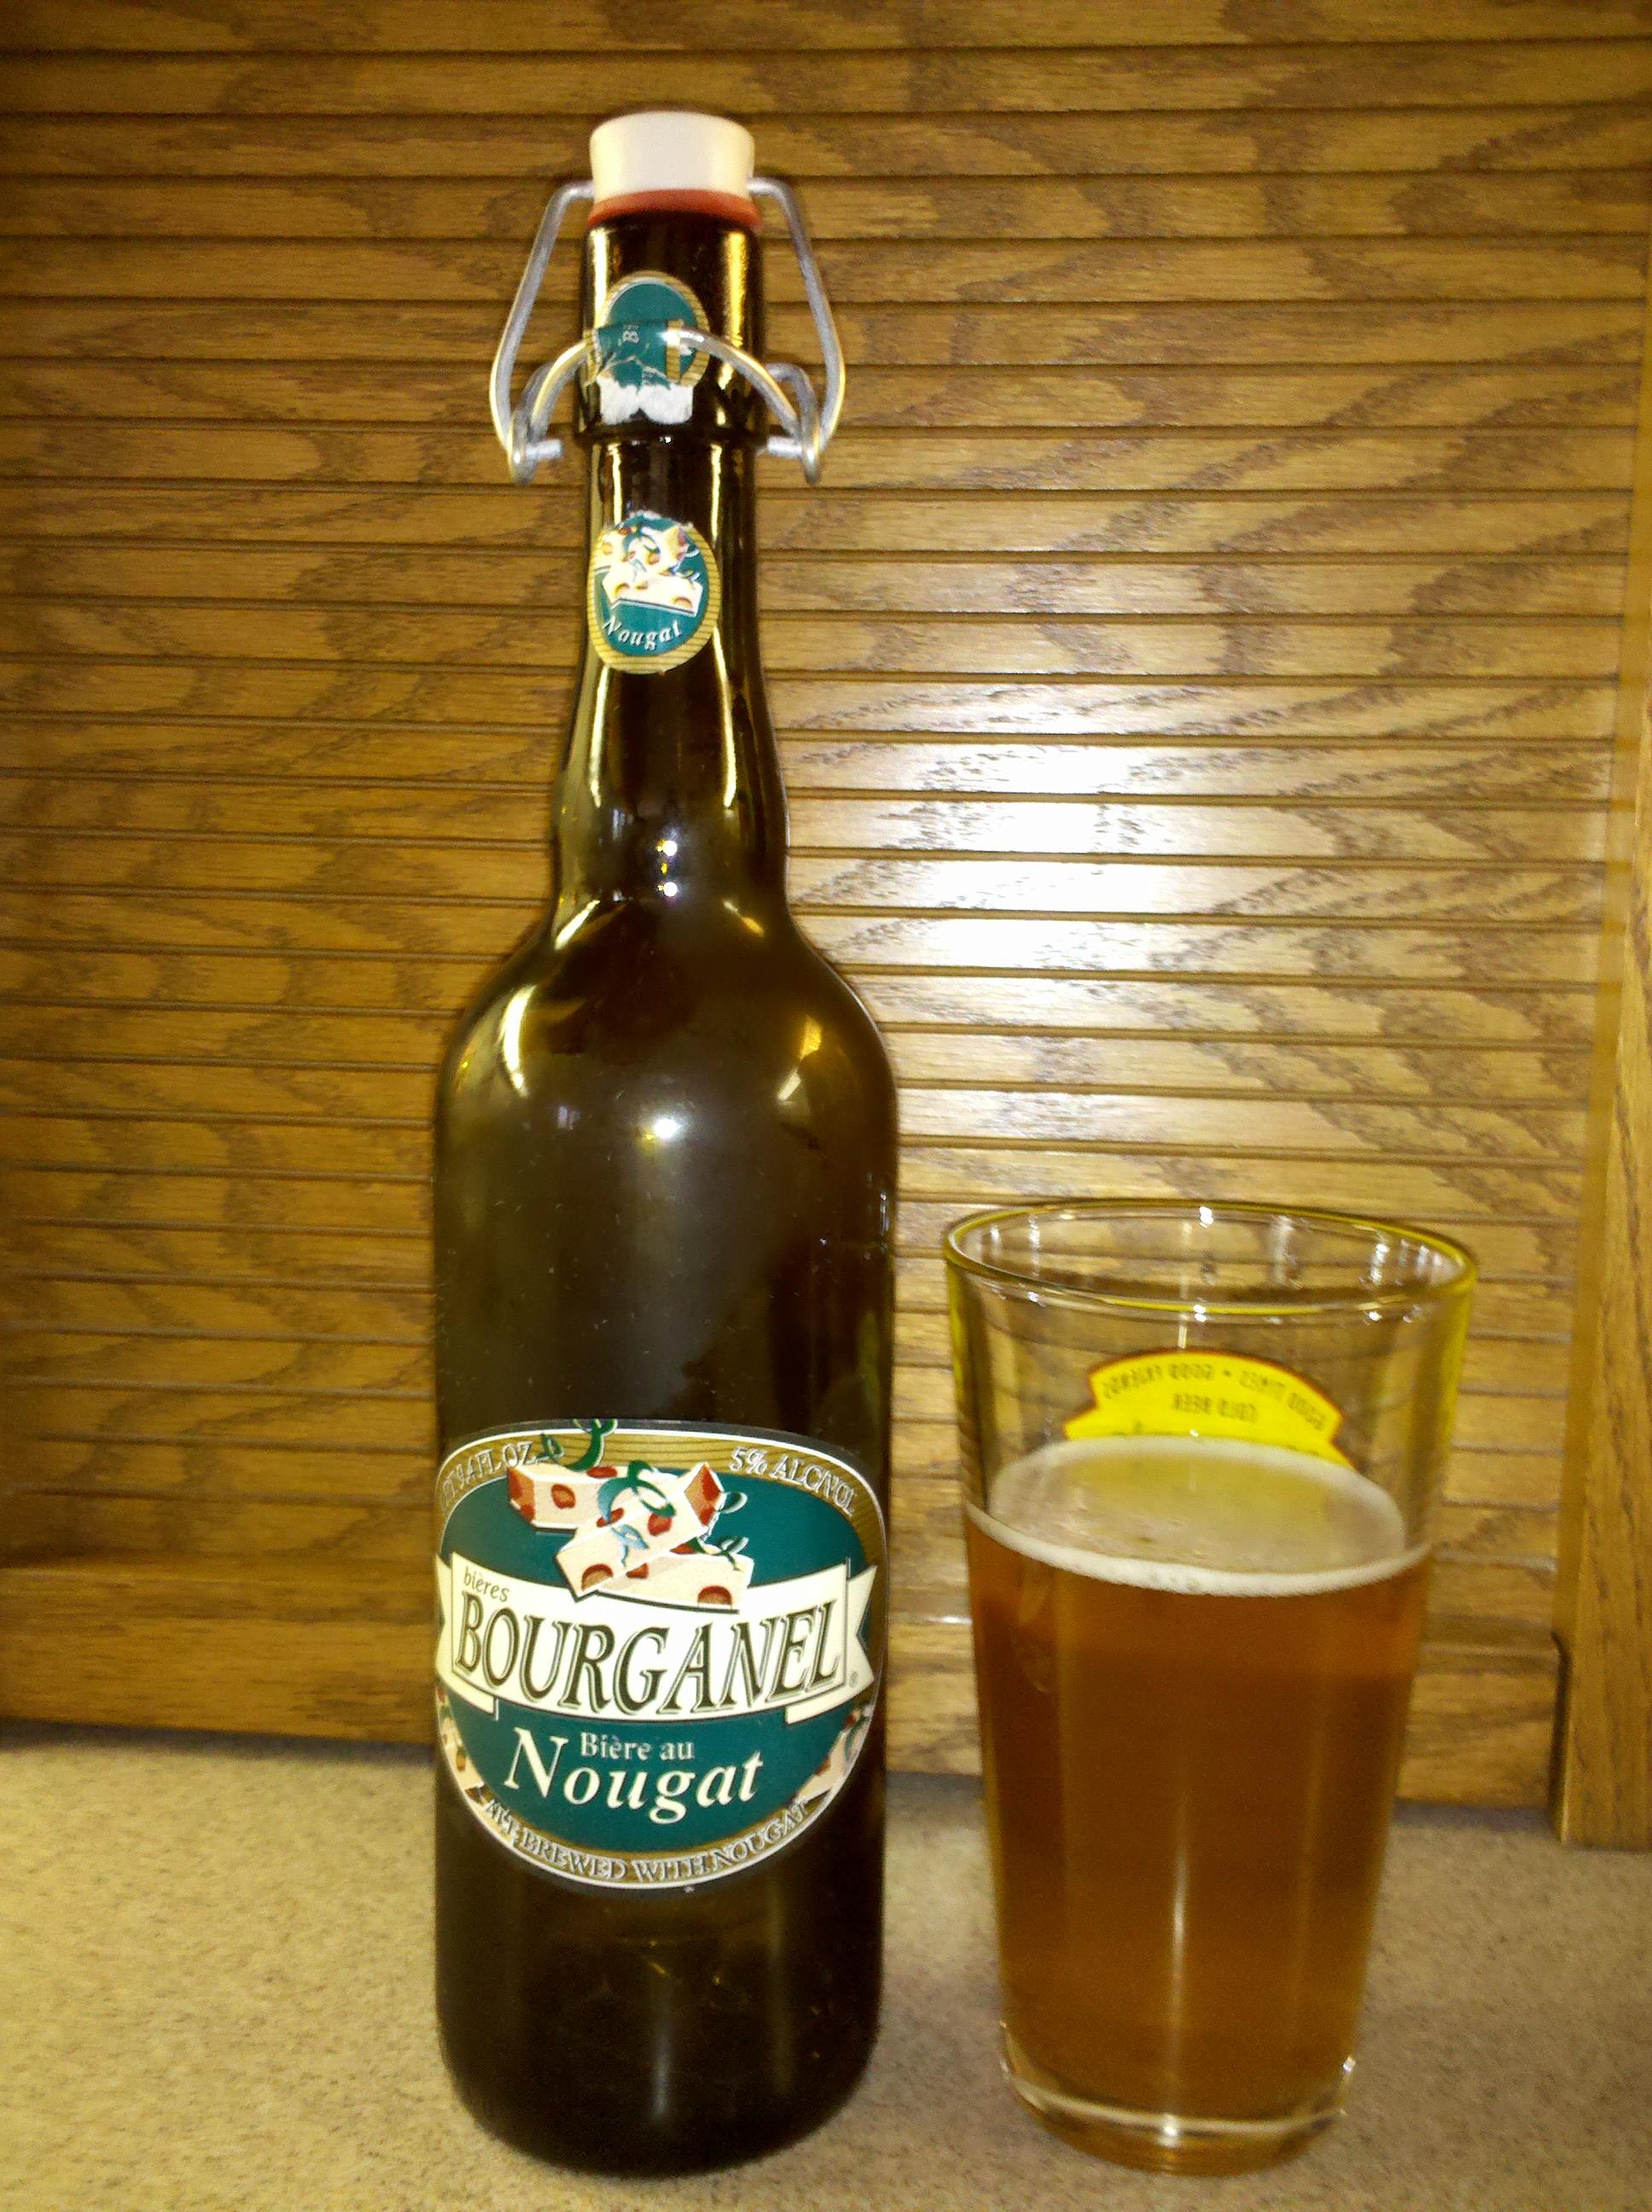 Bourganel Biere Au Nougat